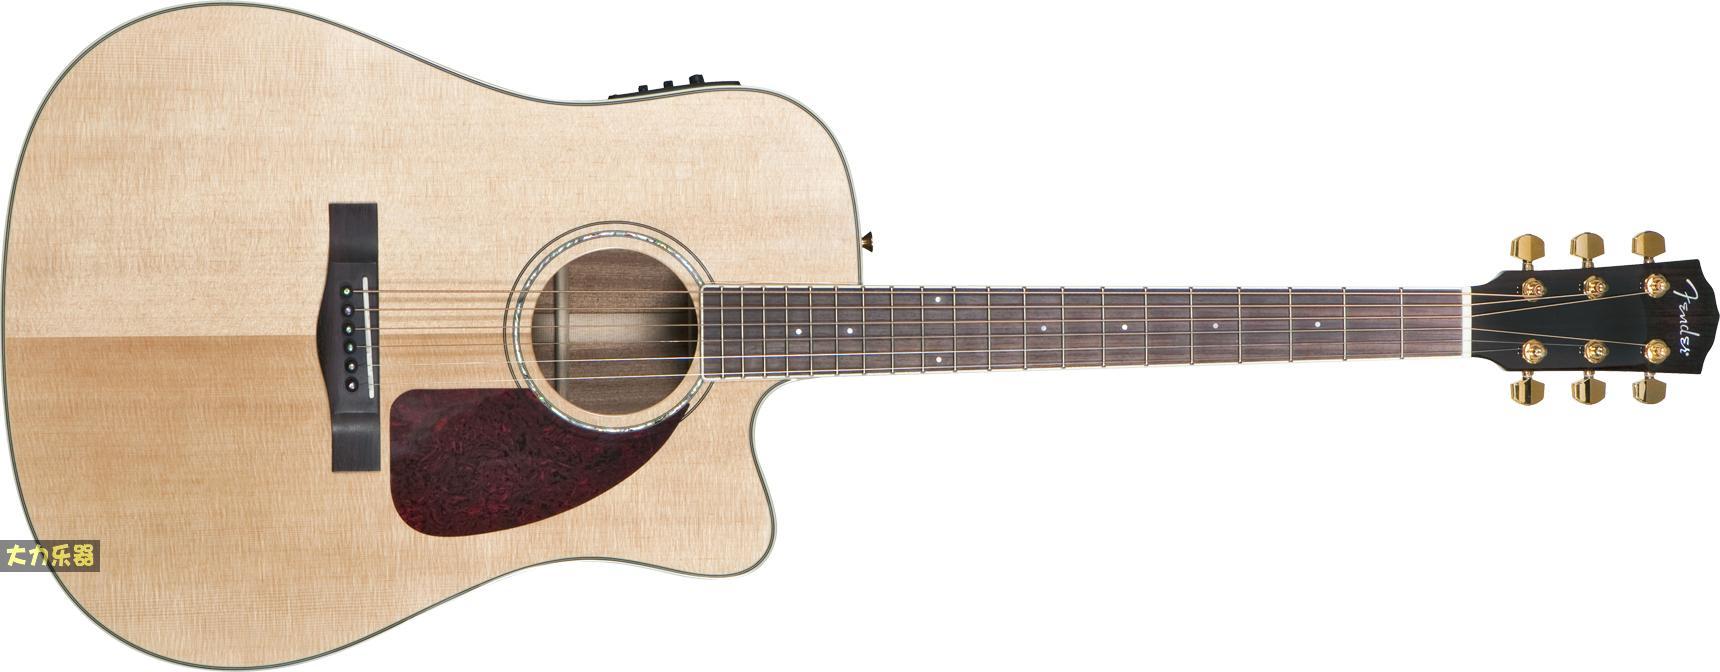 美国芬达吉他